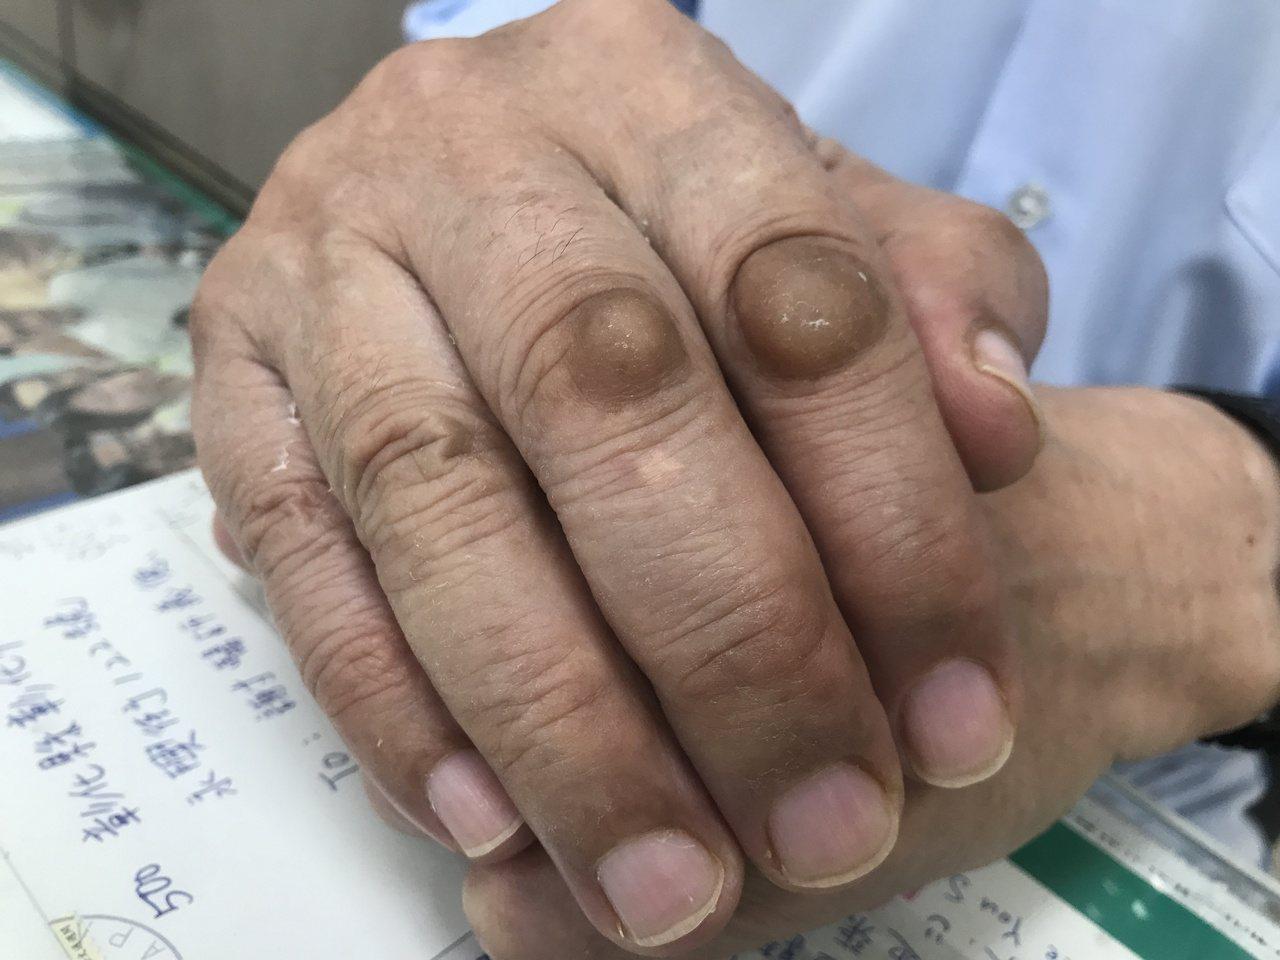 經常為病人按壓穴點治療,長年的按壓手指關結都明顯突出。  圖/林宛諭 攝影